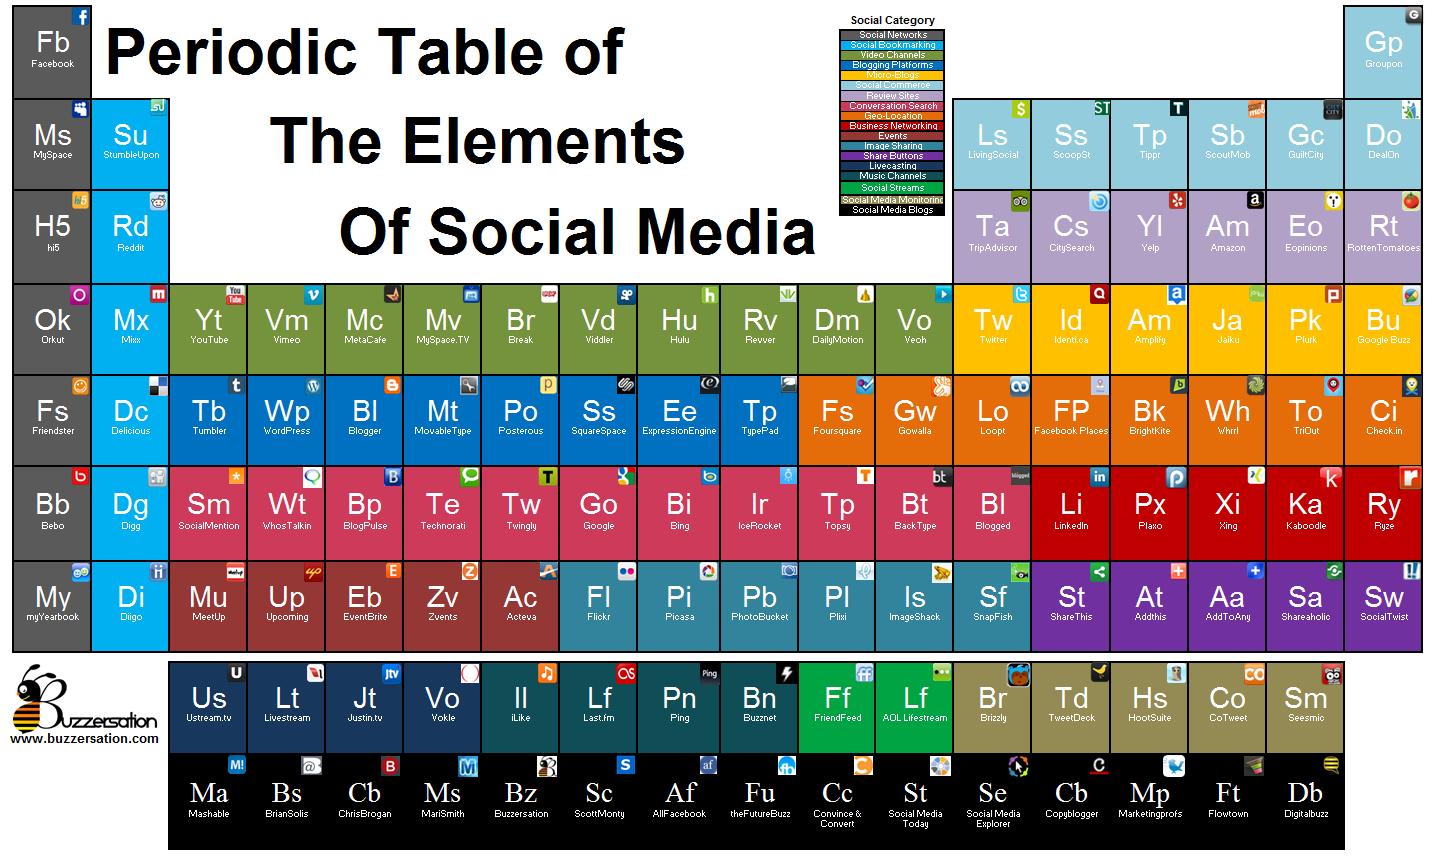 Chica dos punto cero infografa tabla peridica de las redes en el blog de dolores vela encuentro una curiosa y utilsima infografa para los que trabajan en esto del social media una tabla peridica que urtaz Gallery